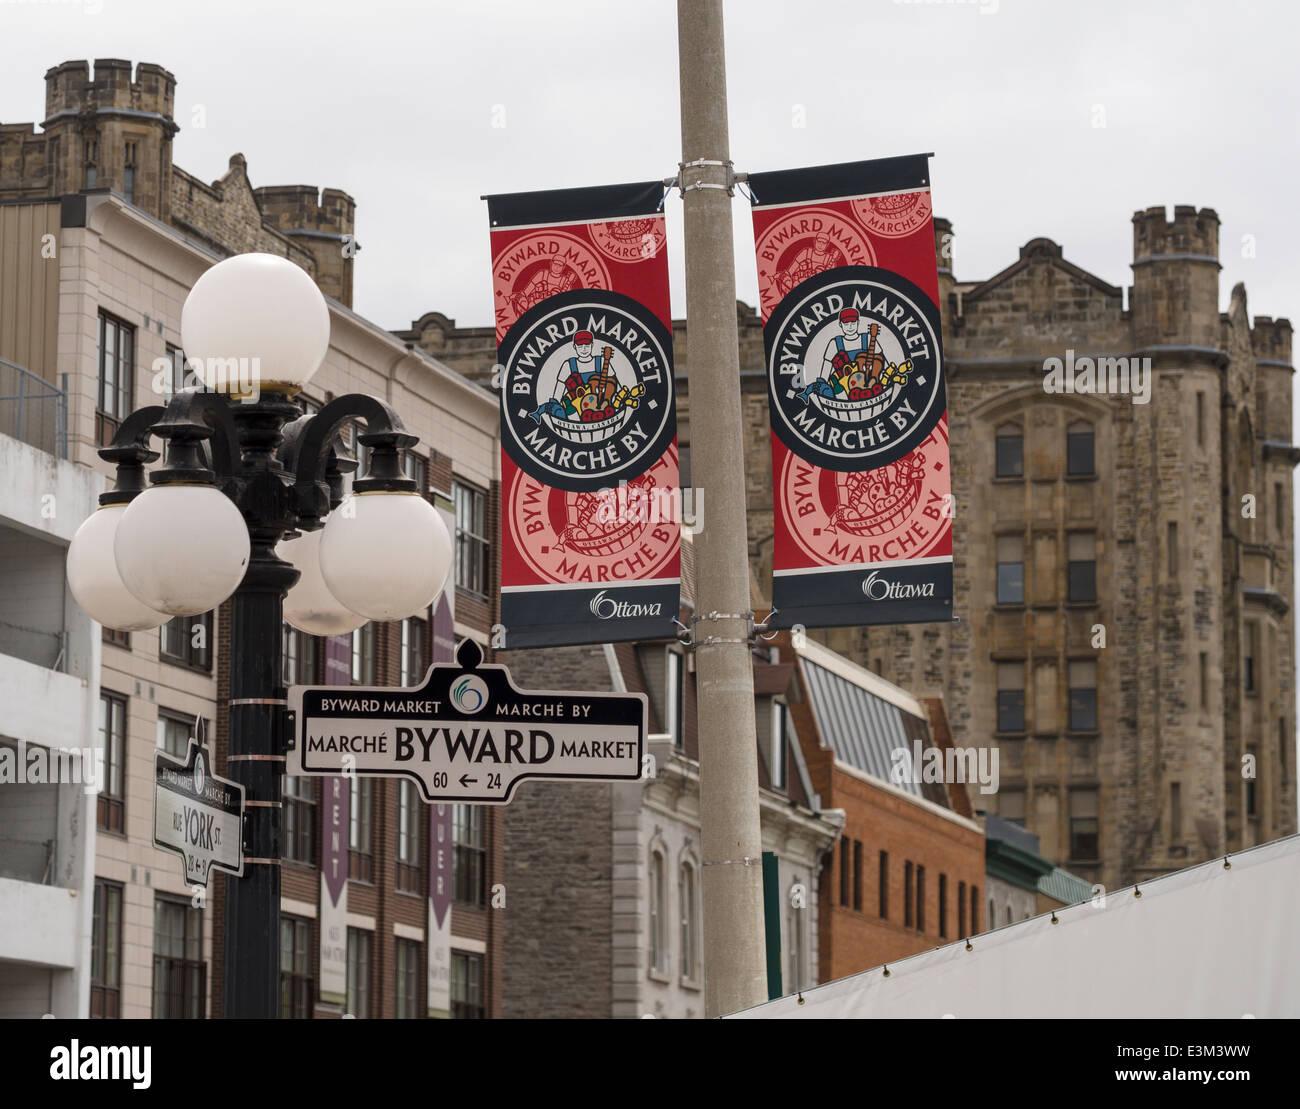 El Mercado Byward banner en un poste de la luz, el Byward Market Street firmar a continuación. Un banner de Imagen De Stock